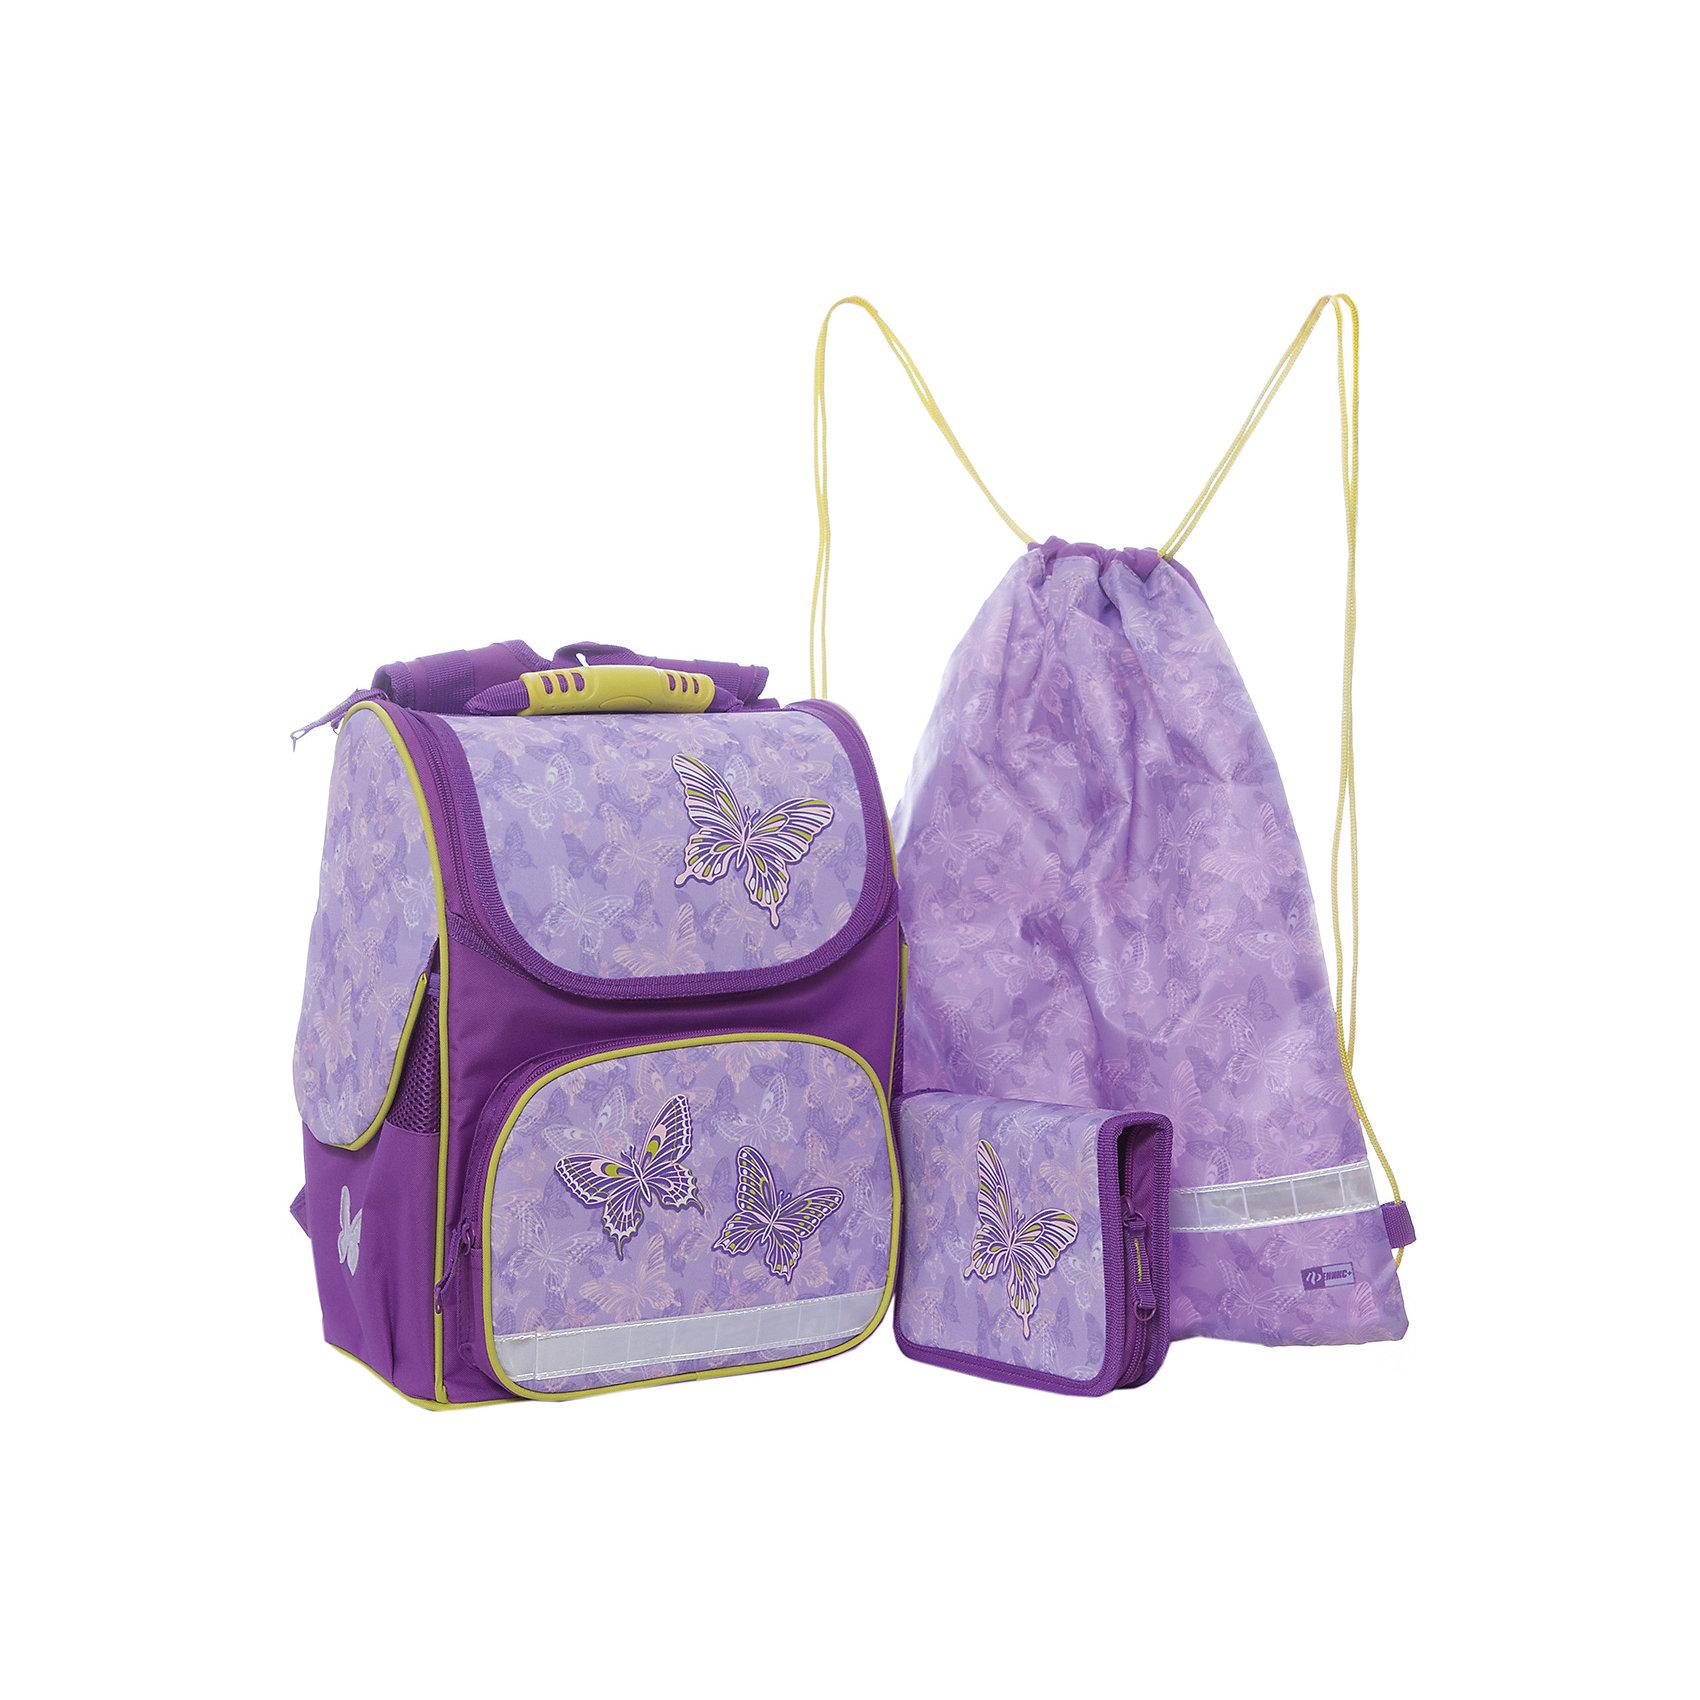 Набор для школьницы Сиреневые бабочки  Феникс+Ранцы<br>Набор для школьницы СИРЕНЕВЫЕ БАБОЧКИ (ранец (полиэстер), пенал (без наполнения), мешок для обуви: (ранец: 35x26x15см,  пенал: 20x13.3x3.5см, мешок для обуви: 36x48см. Набор в подарочной картонной коробке с ПВХ-окном)<br><br>Ширина мм: 300<br>Глубина мм: 190<br>Высота мм: 370<br>Вес г: 1540<br>Возраст от месяцев: 72<br>Возраст до месяцев: 2147483647<br>Пол: Женский<br>Возраст: Детский<br>SKU: 7046260